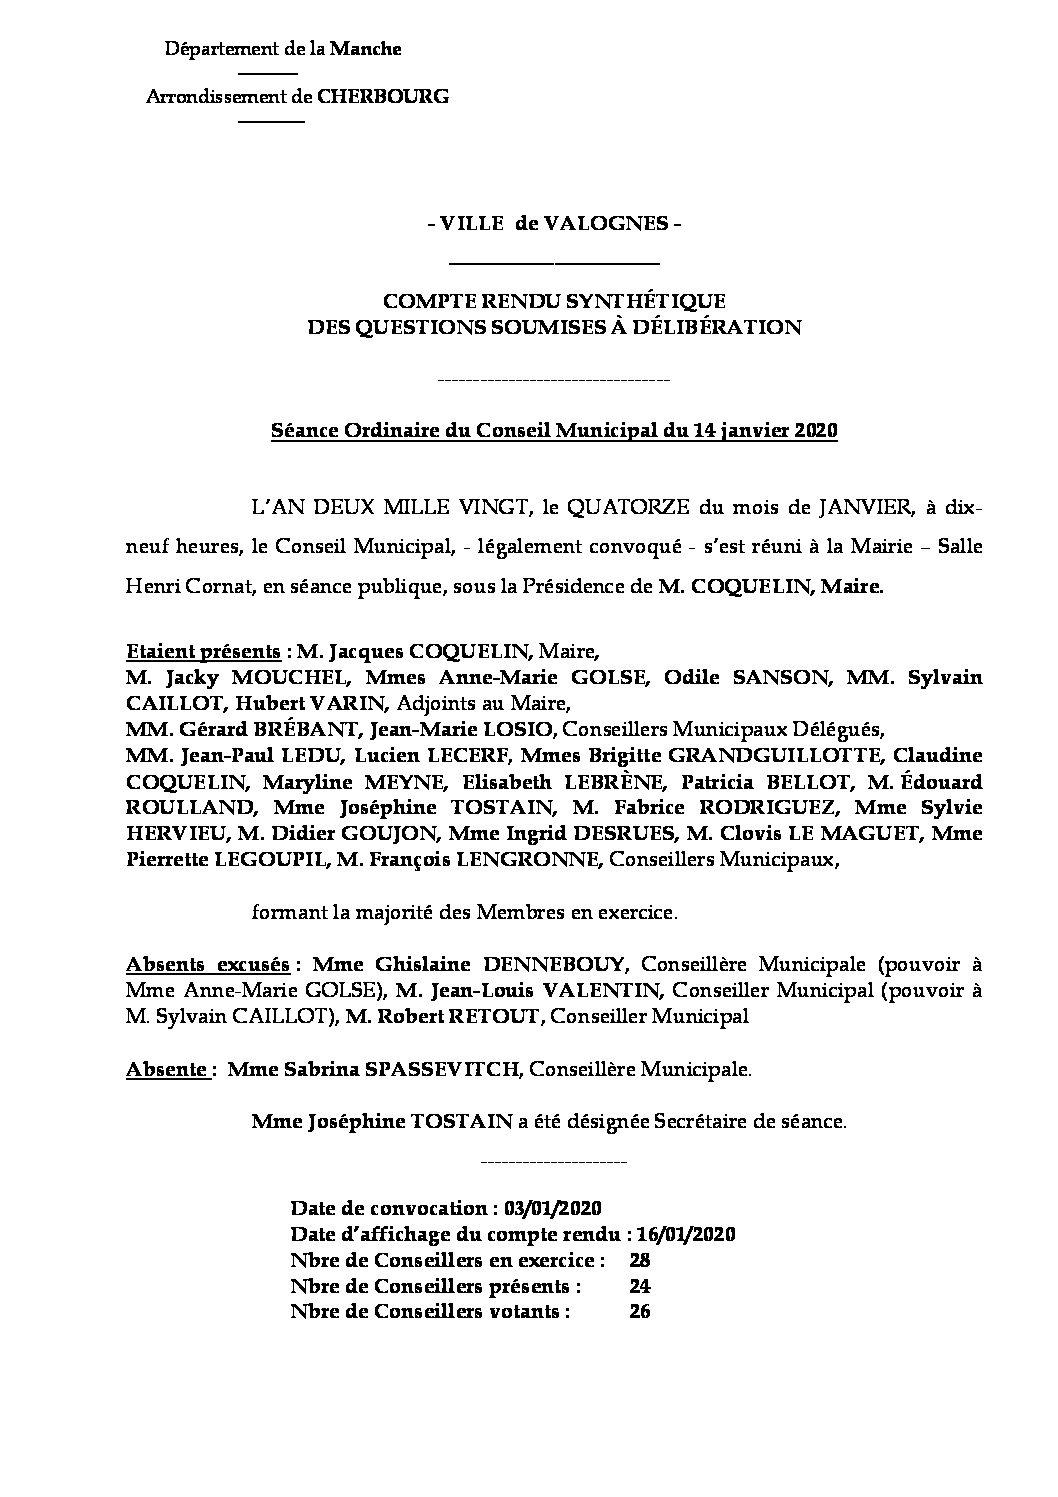 Compte rendu synthétique 14 01 20 - Compte rendu synthétique des questions soumises à délibération lors de la réunion ordinaire de Conseil Municipal du 14 janvier 2020.